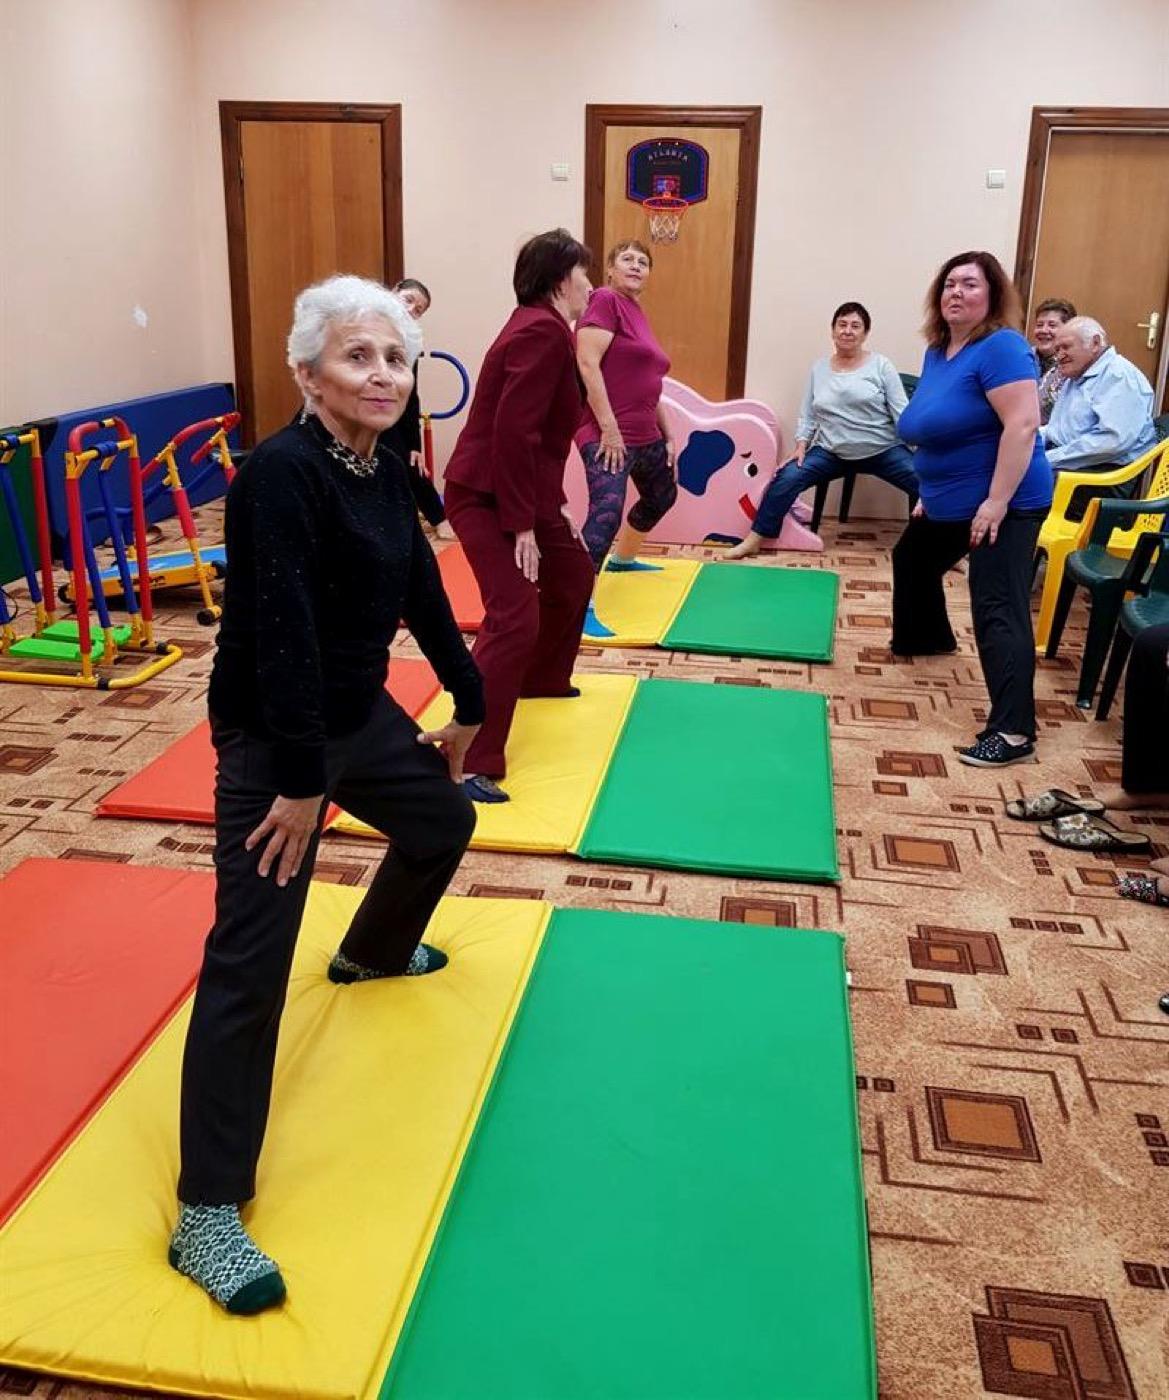 Программа «Активное долголетие» успешно реализуется в Коломне более четырех месяцев